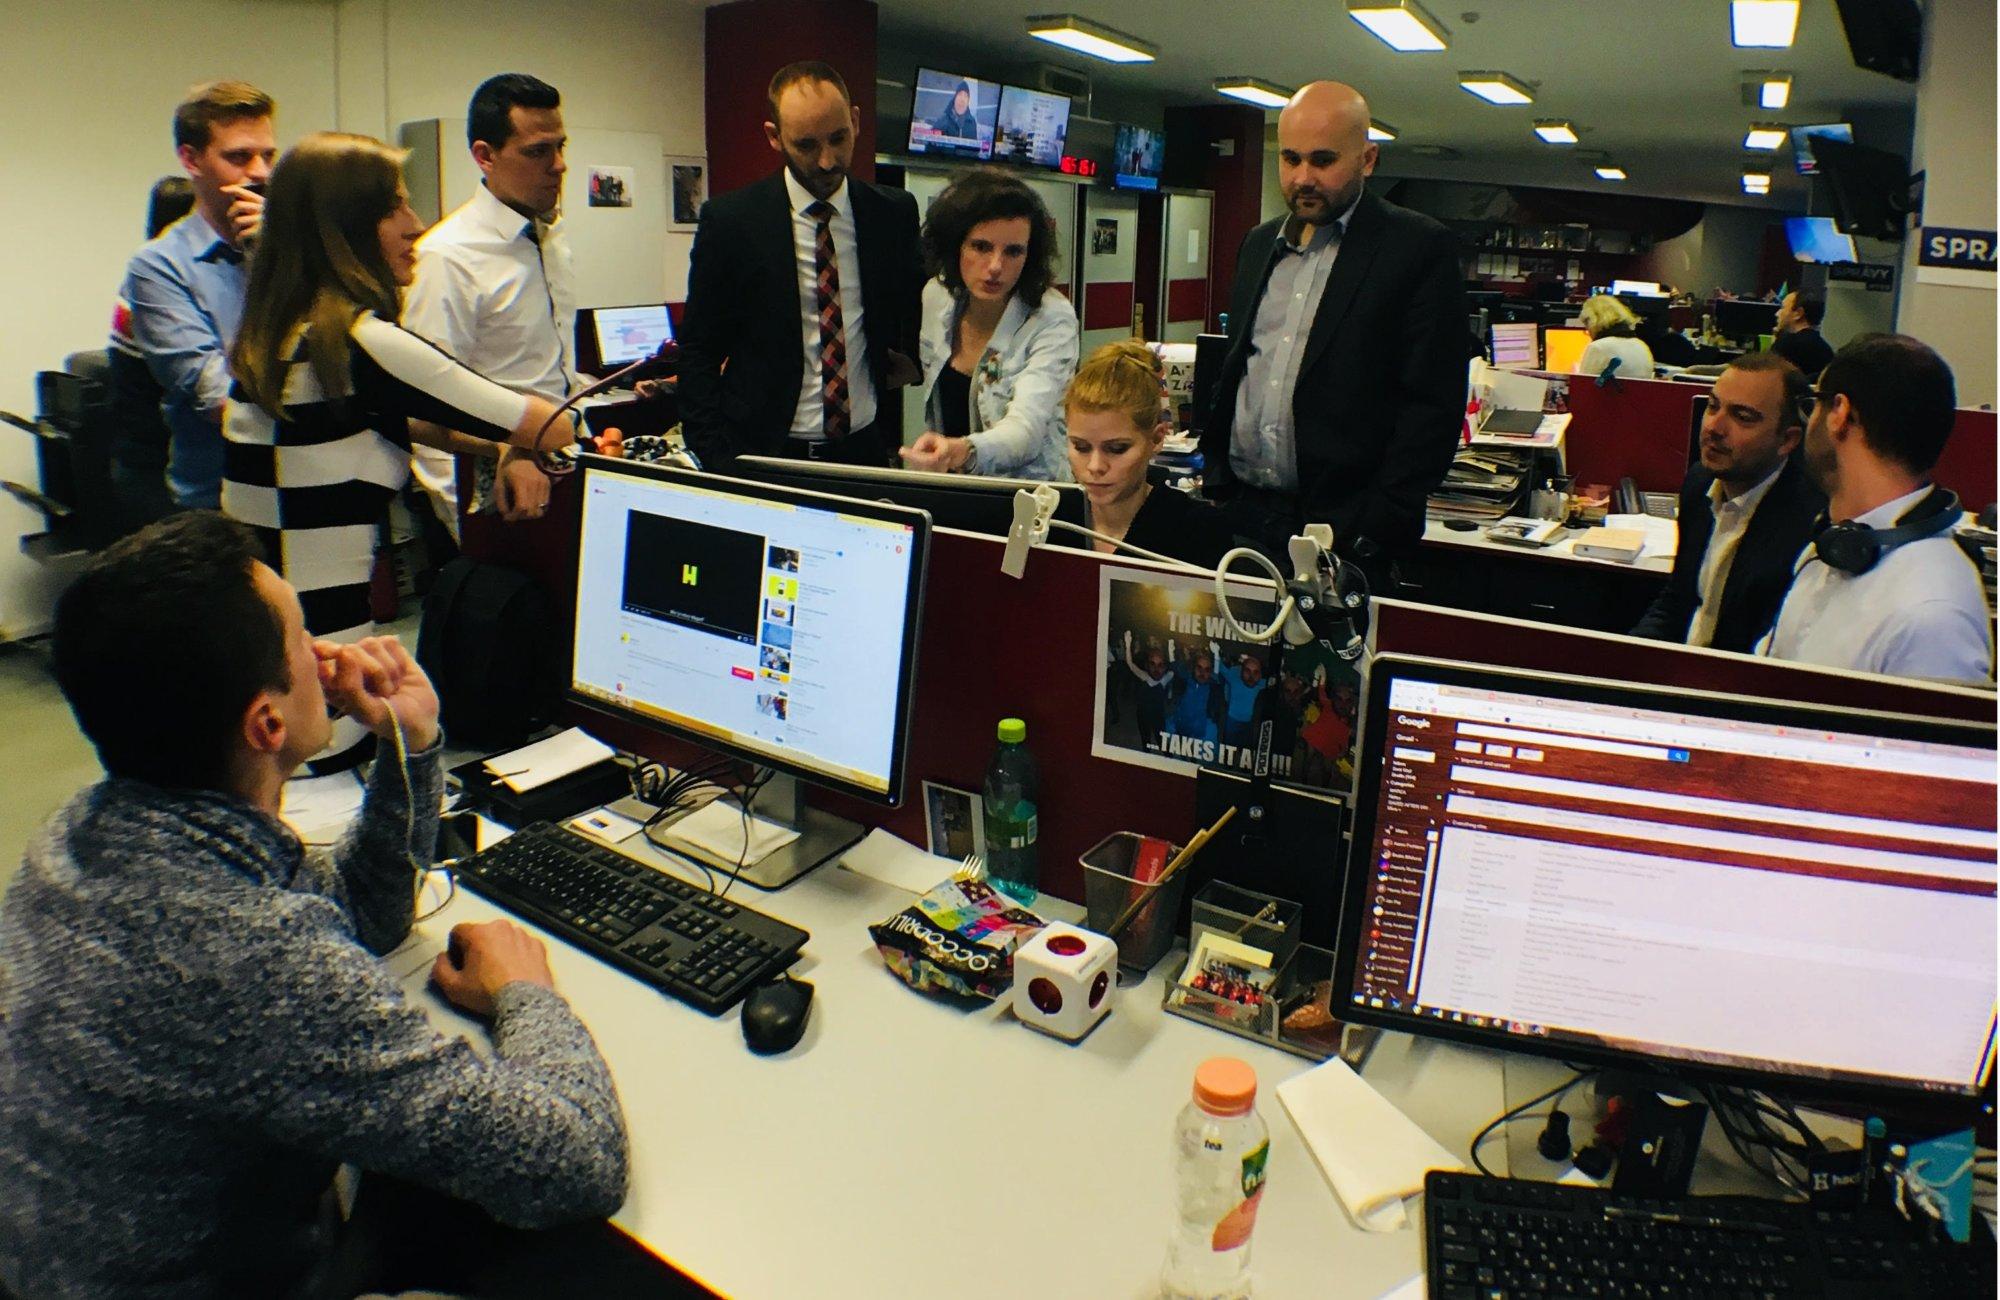 Správy RTVS opúšťa ďalší tucet novinárov vrátane Kovačič Hanzelovej, Kalinského či Minicha – Denník N